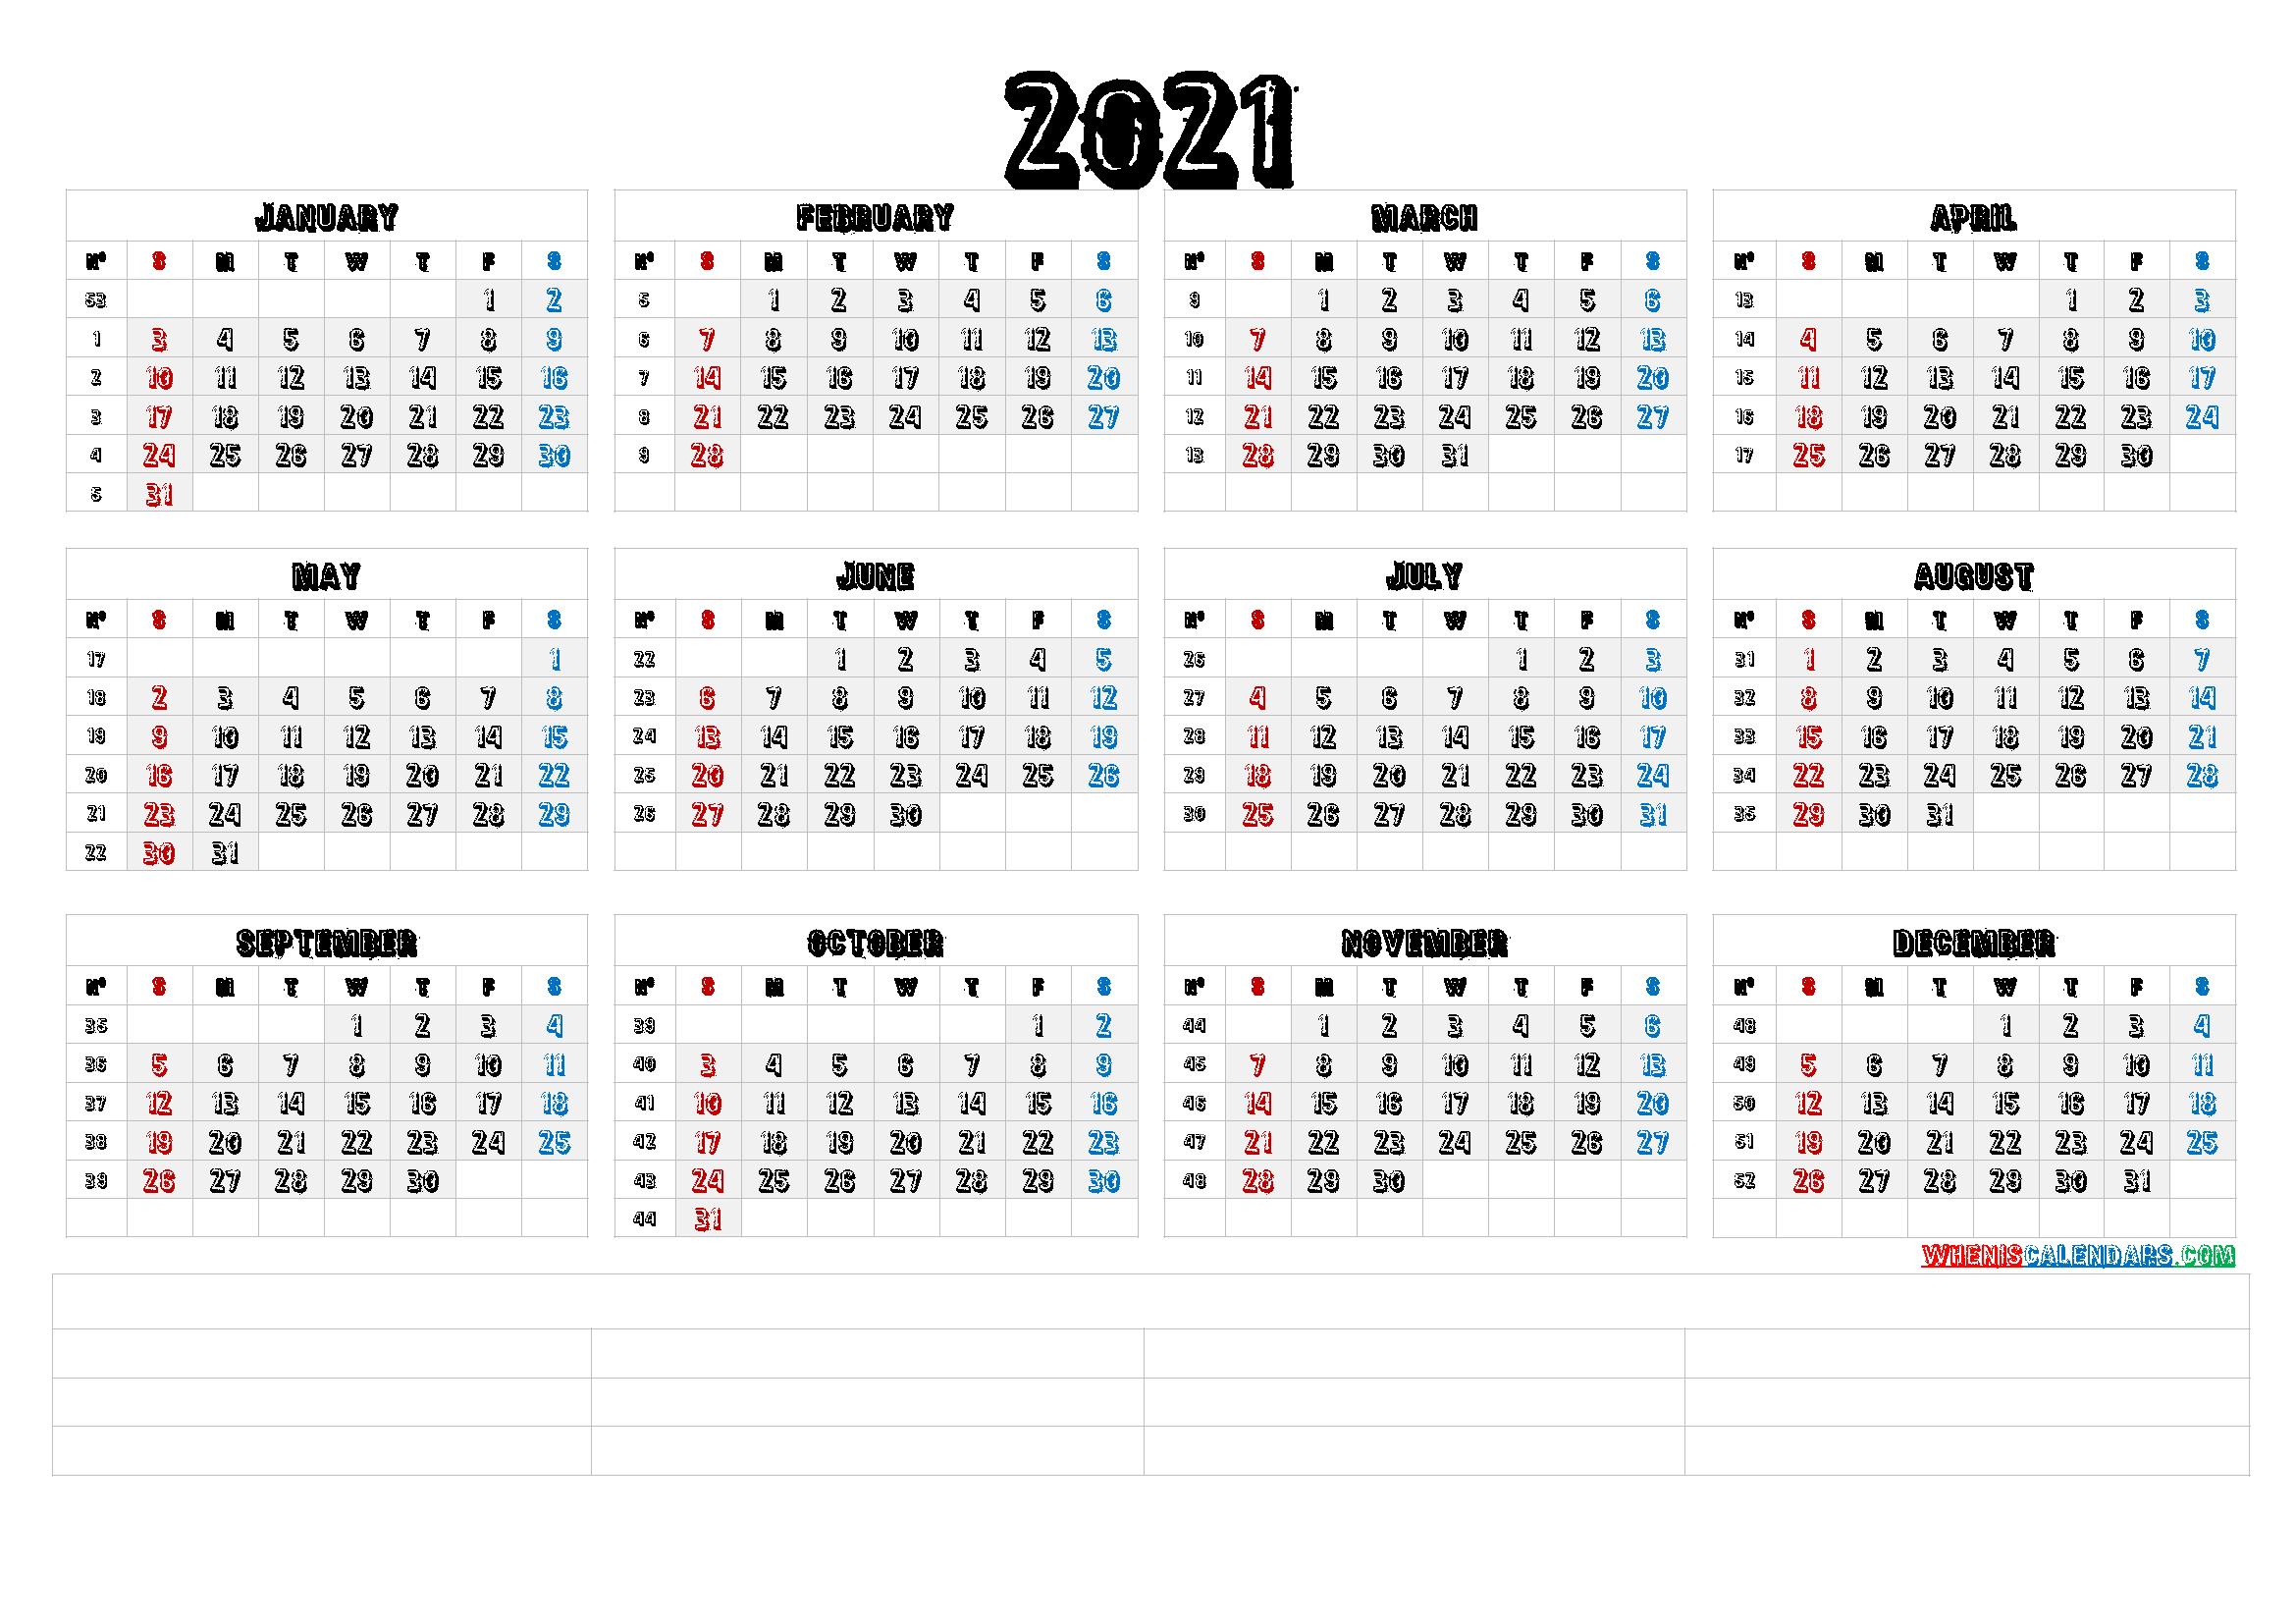 2021 Calendar With Week Numbers Printable (6 Templates)  Free Printable 2020 Monthly Calendar in 2021 Calendar Free Printable